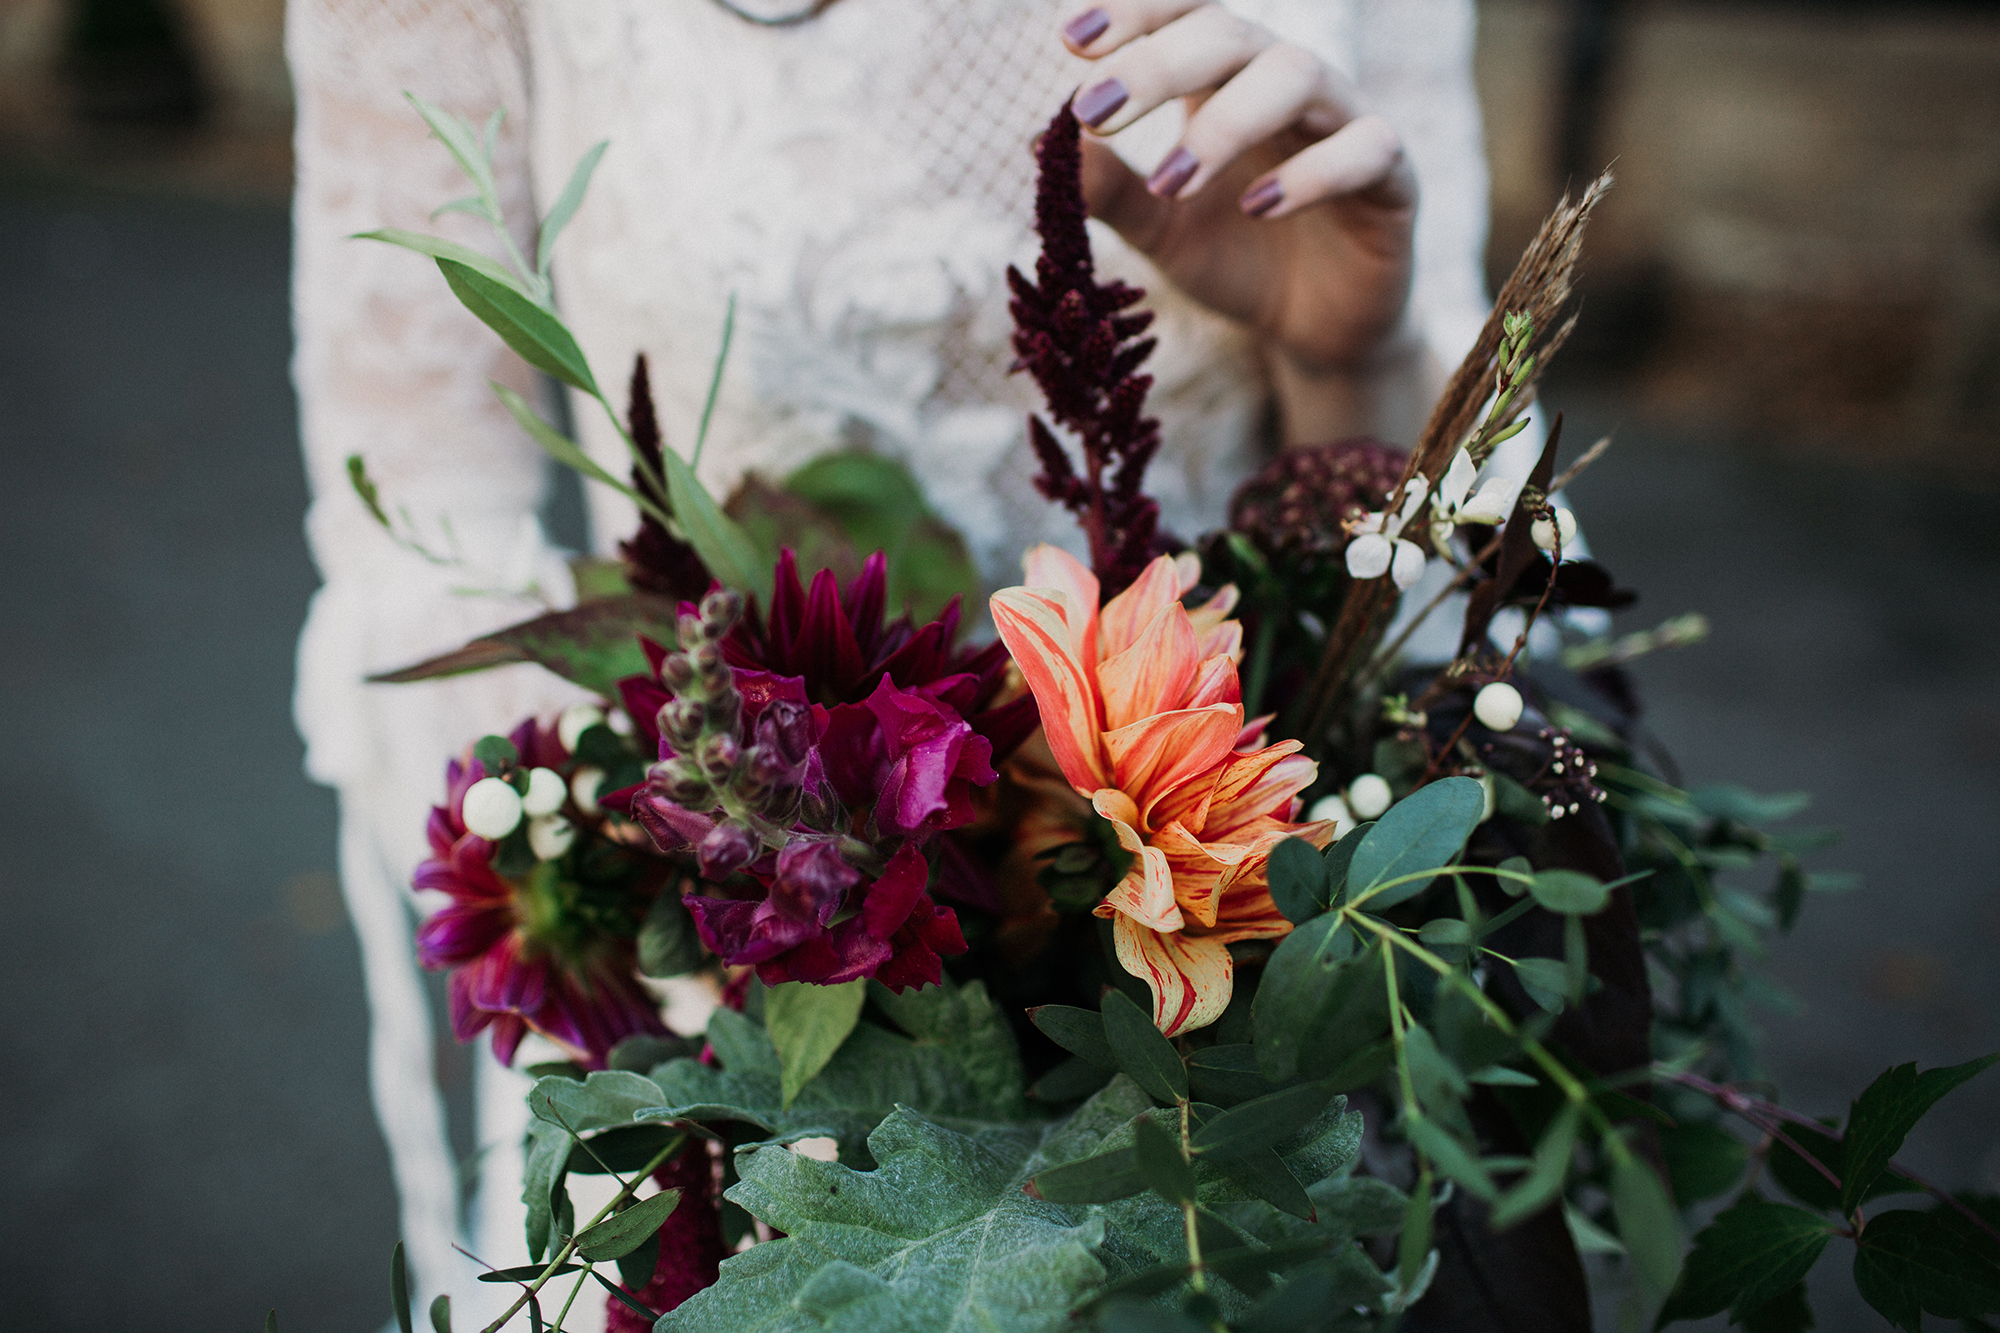 samlesbury-wedding-florist.jpg